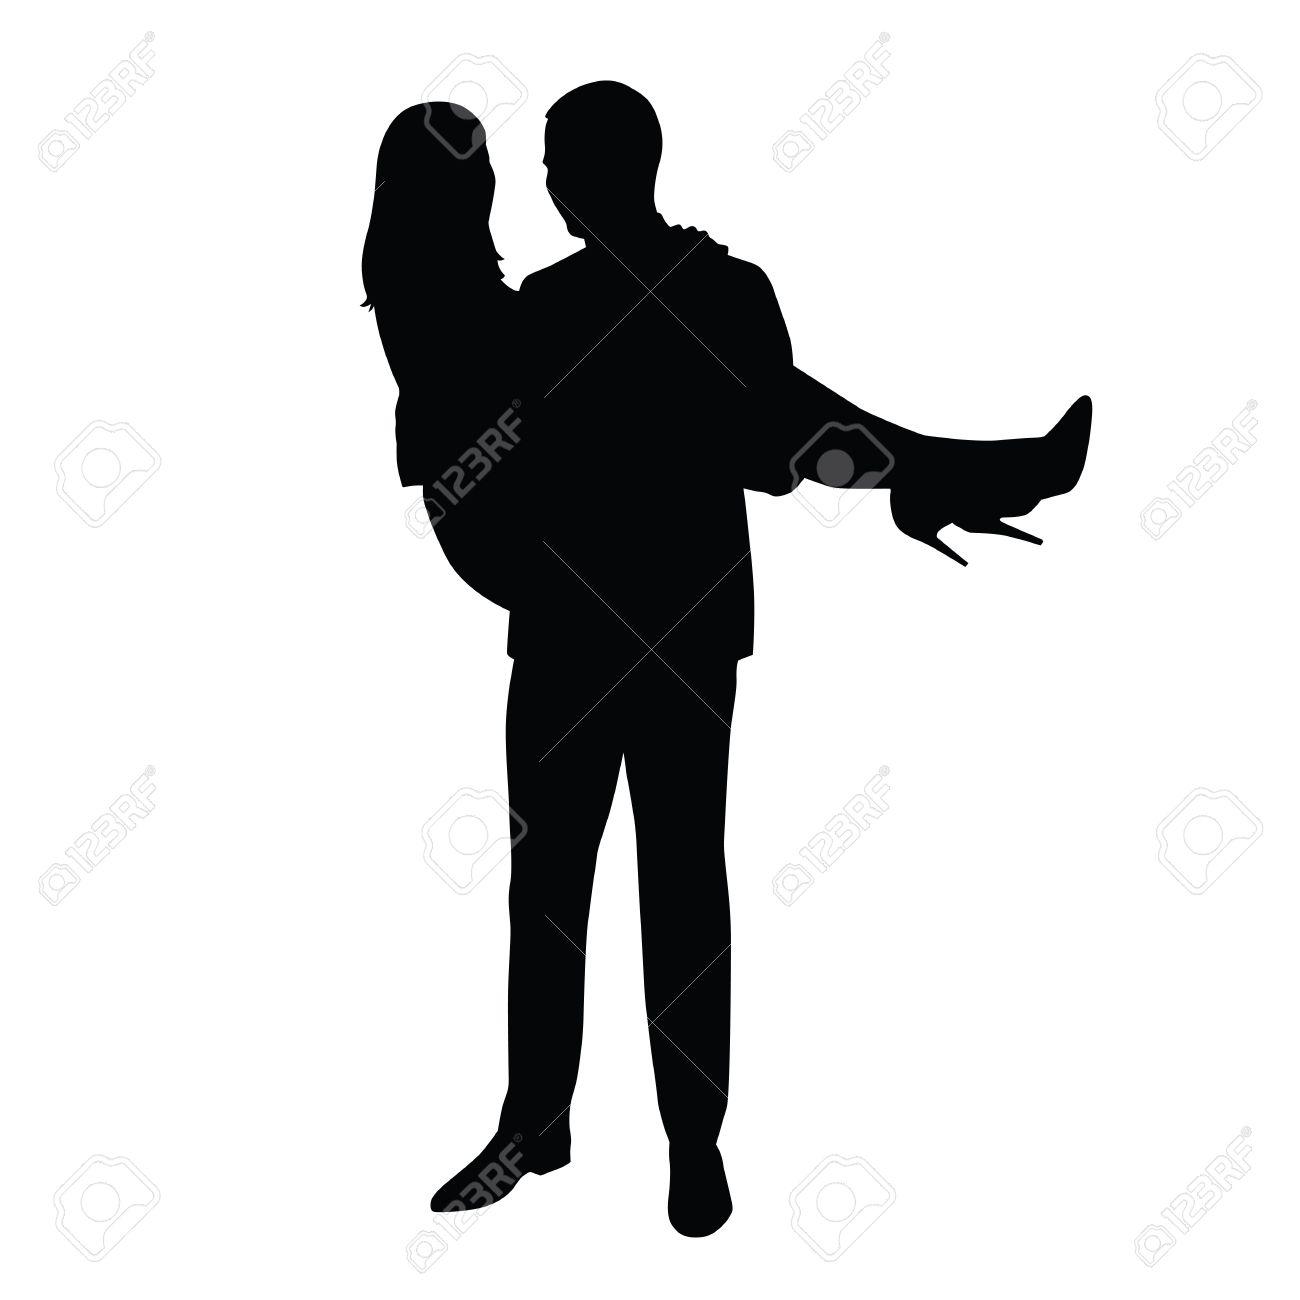 mann trägt high heels